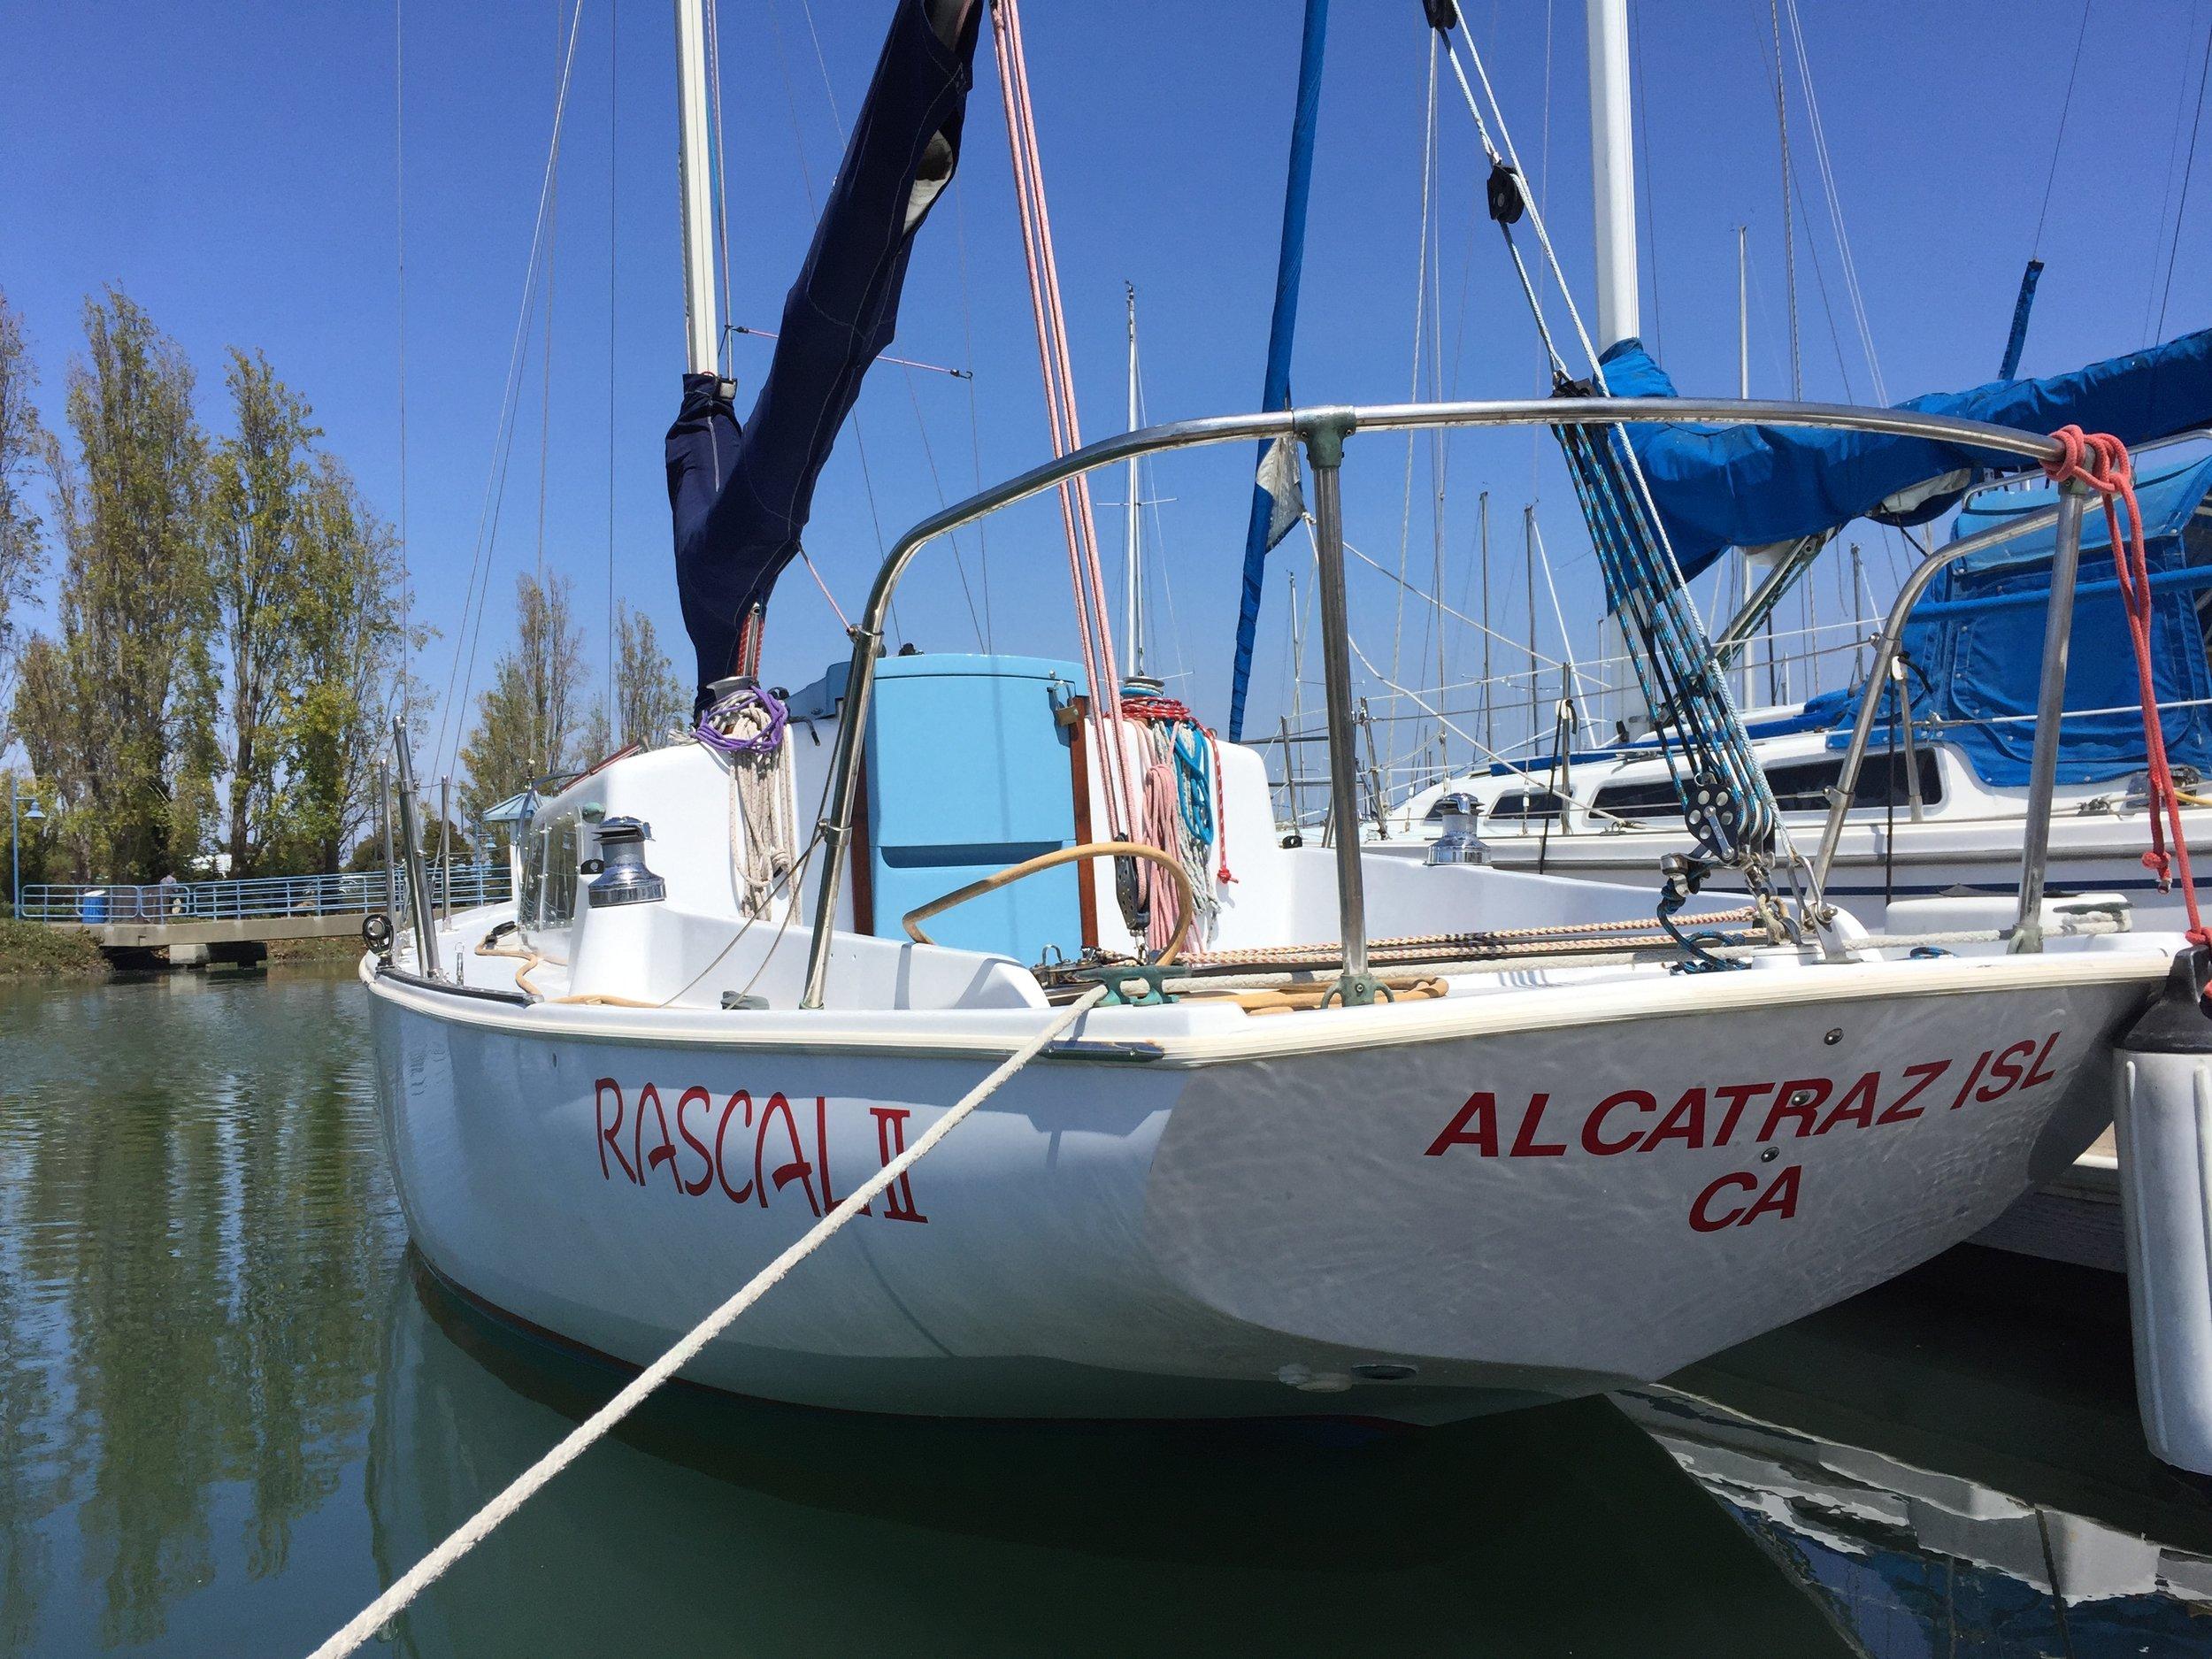 RASCAL Ⅱ - Boat decal